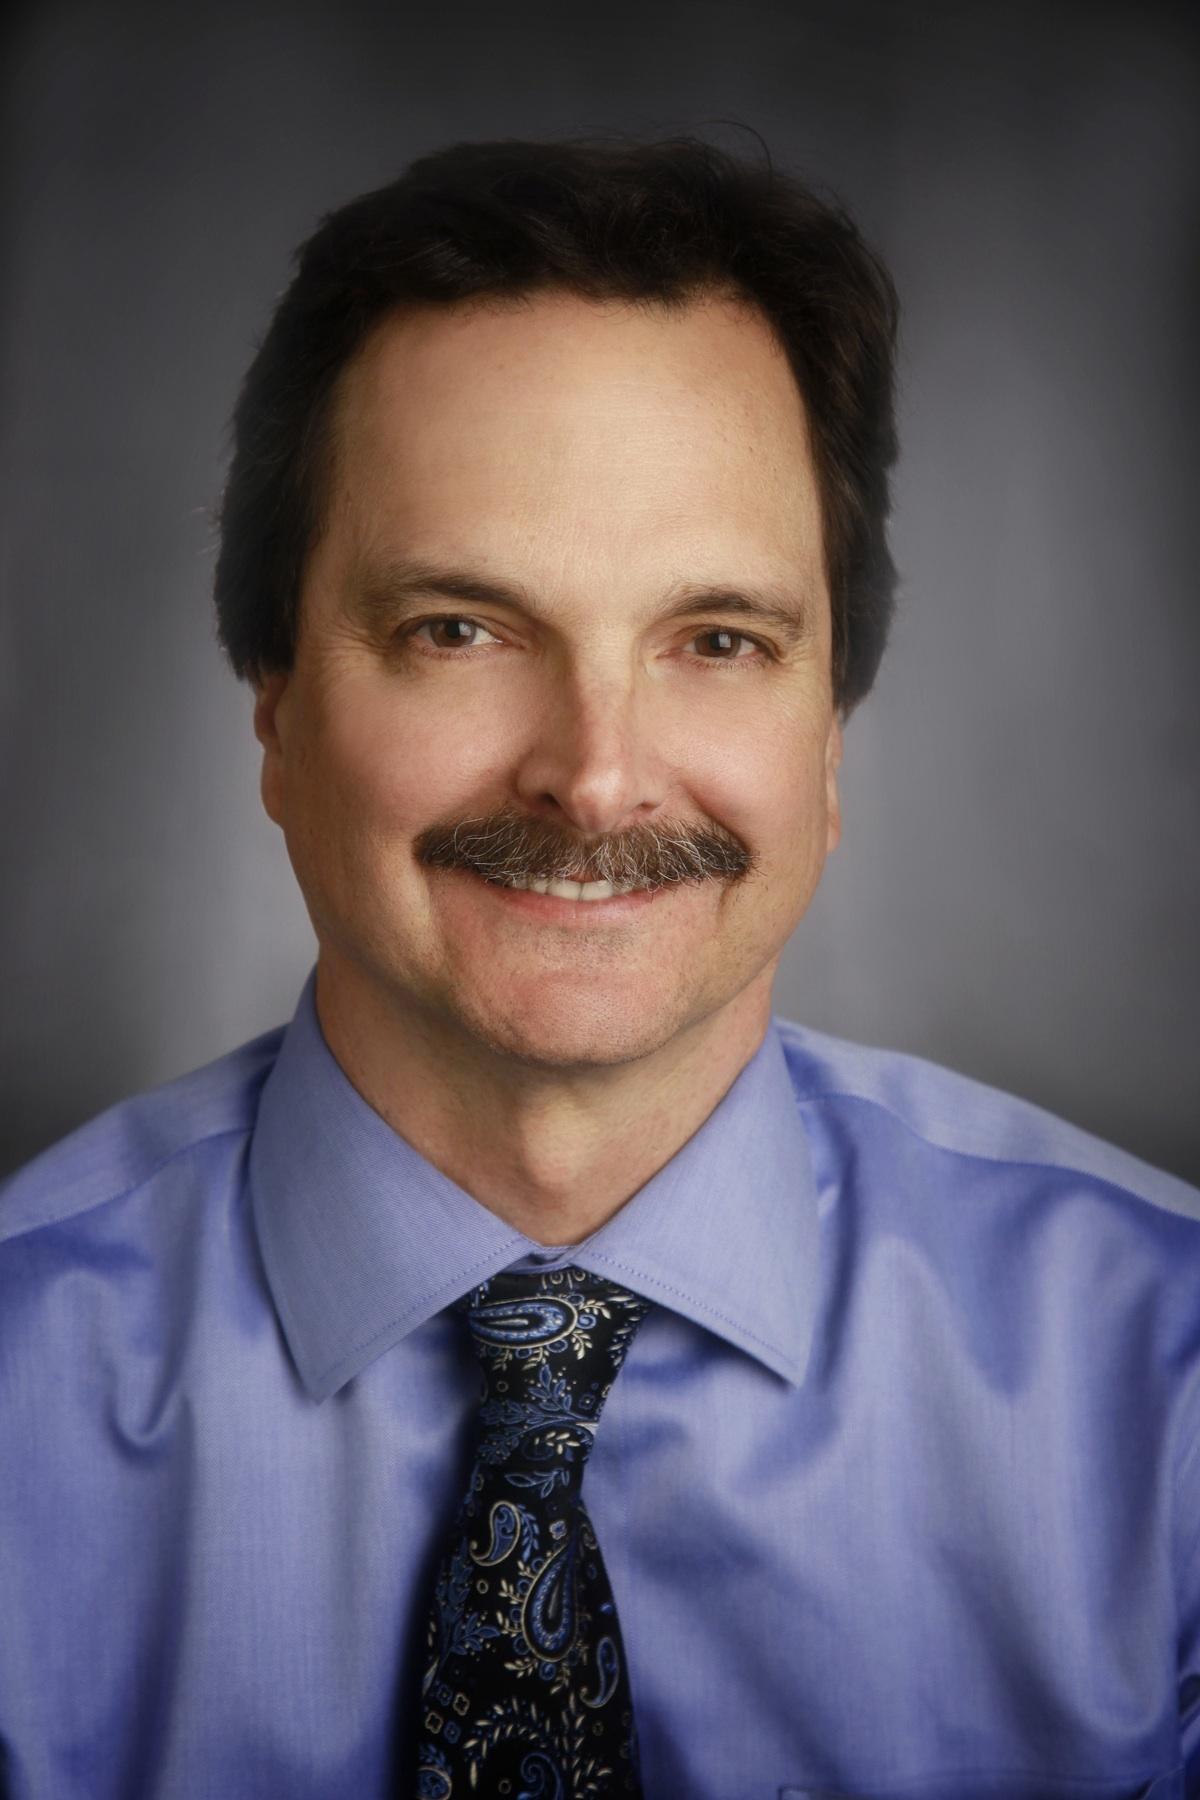 Nicholas P. Grinich